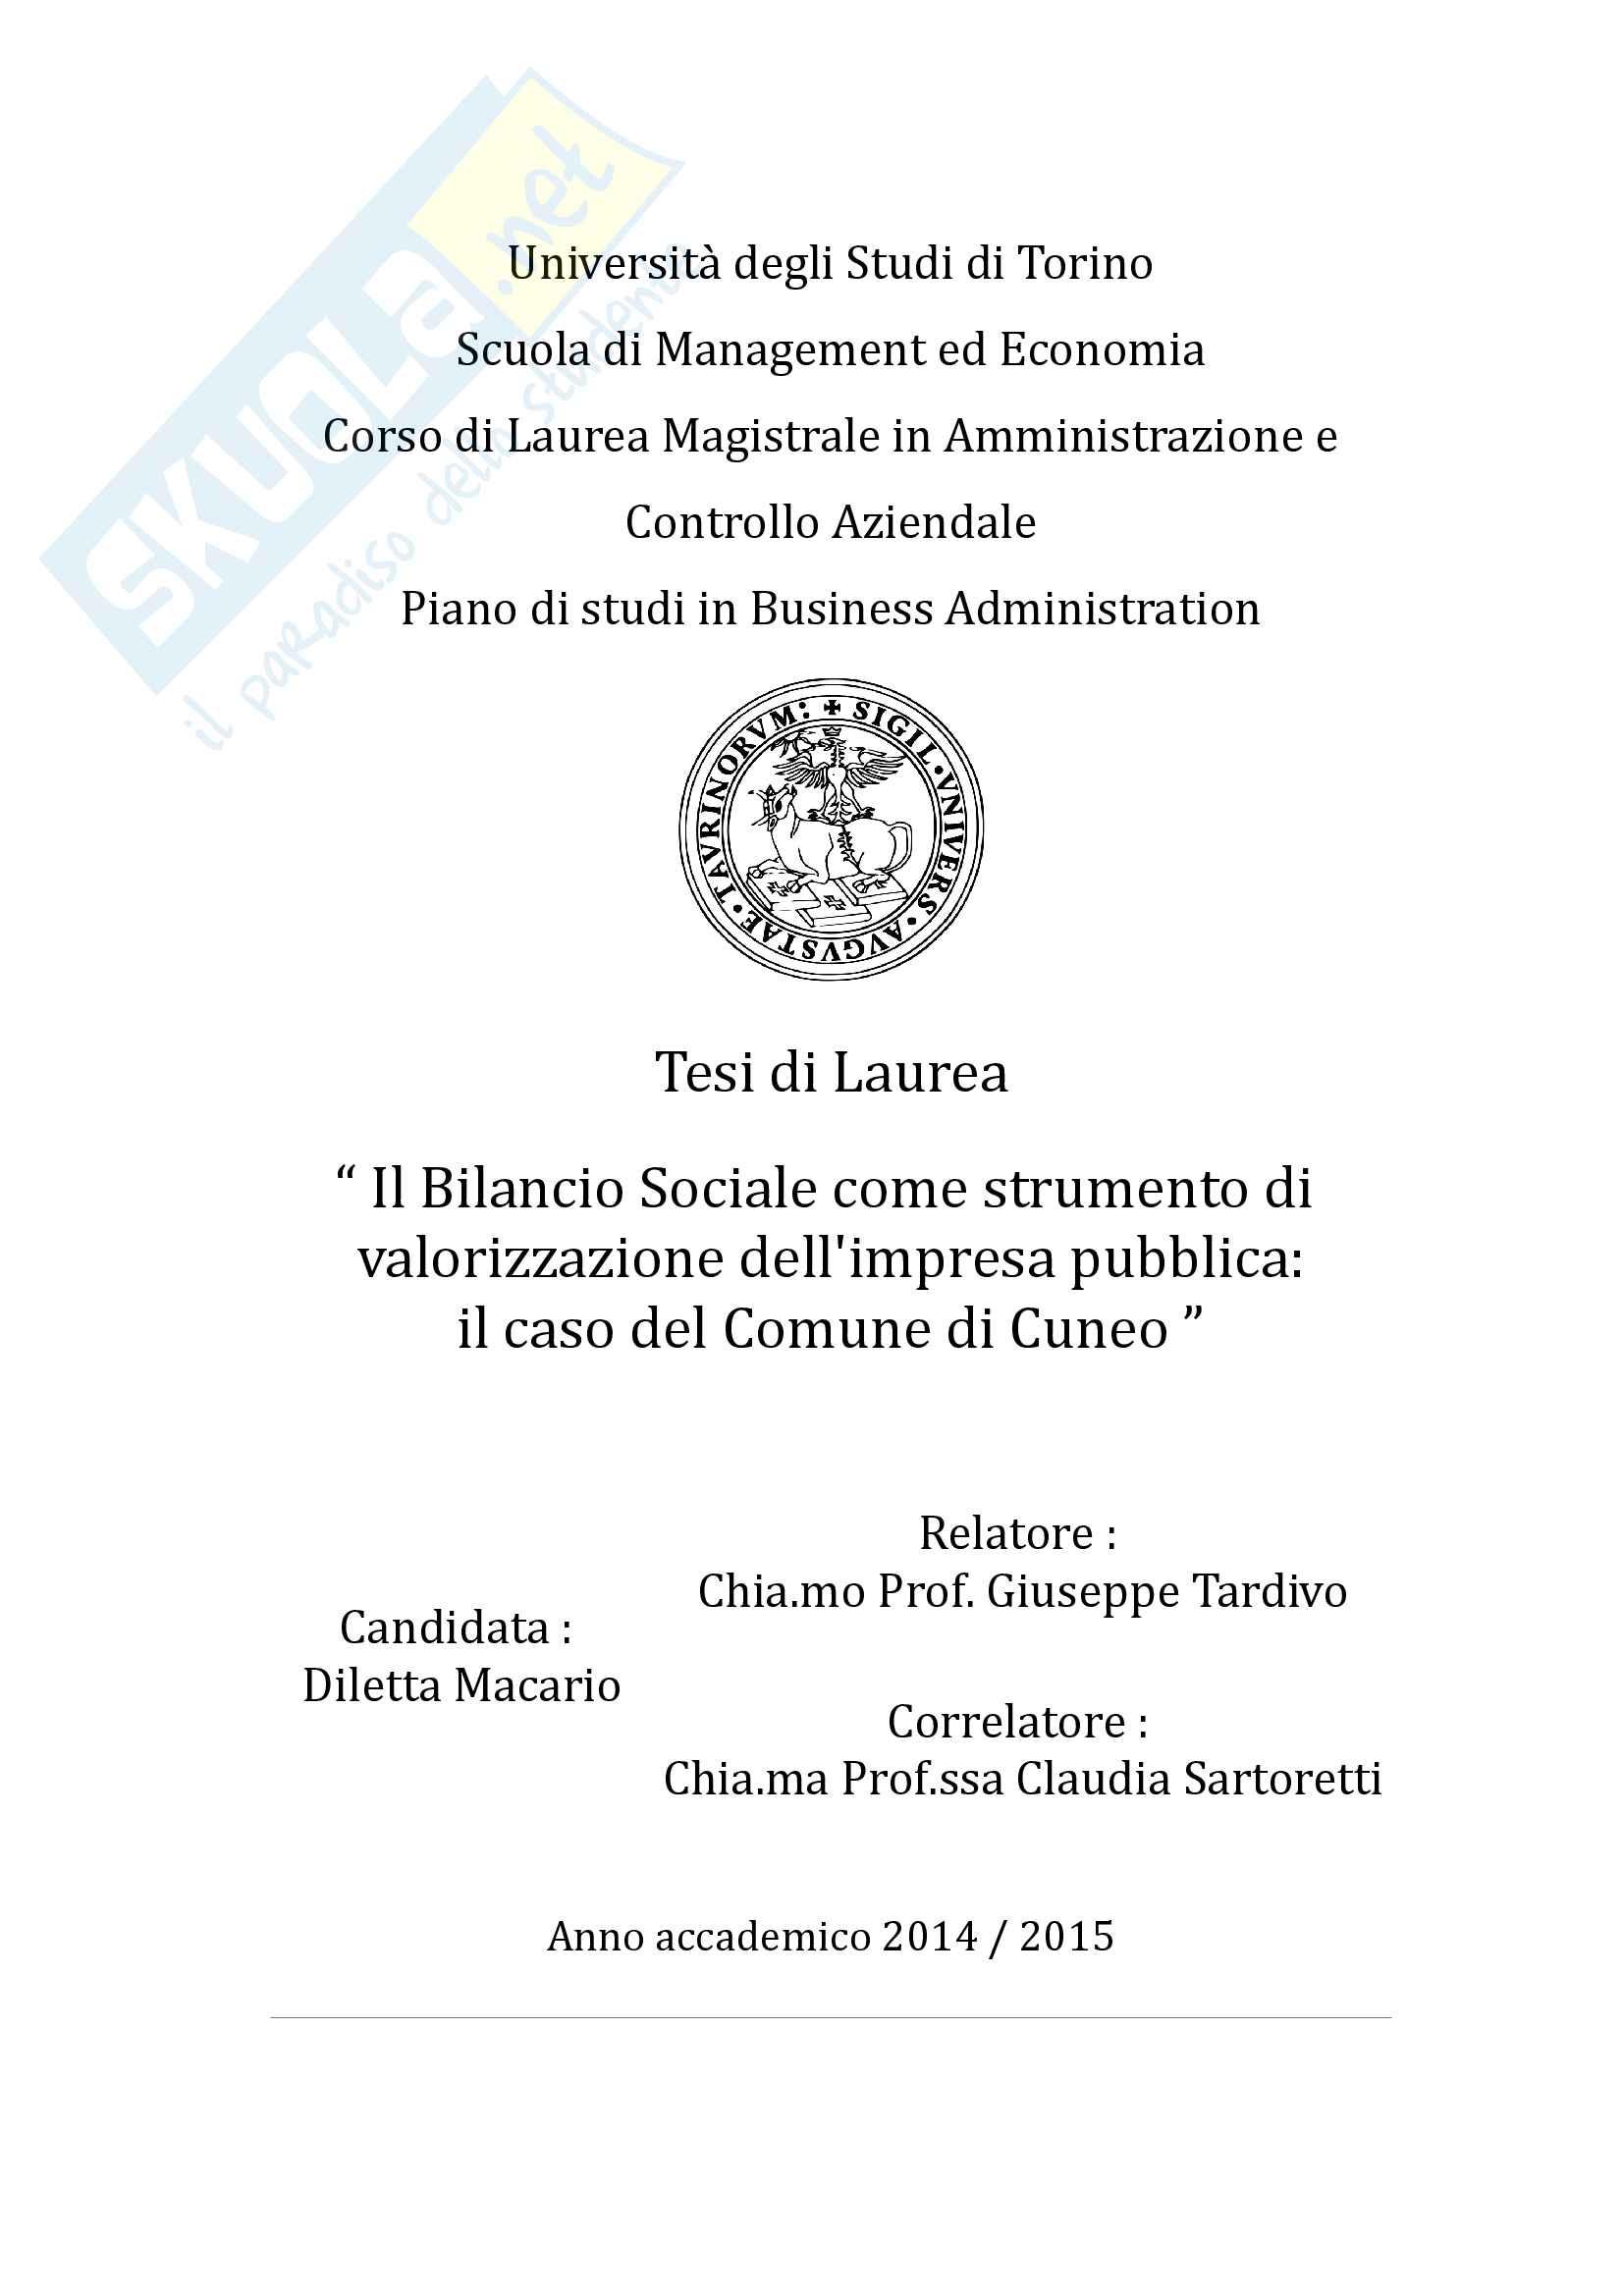 """Tesi magistrale: """"Il Bilancio Sociale come strumento di valorizzazione dell'impresa pubblica: il caso del Comune di Cuneo"""""""